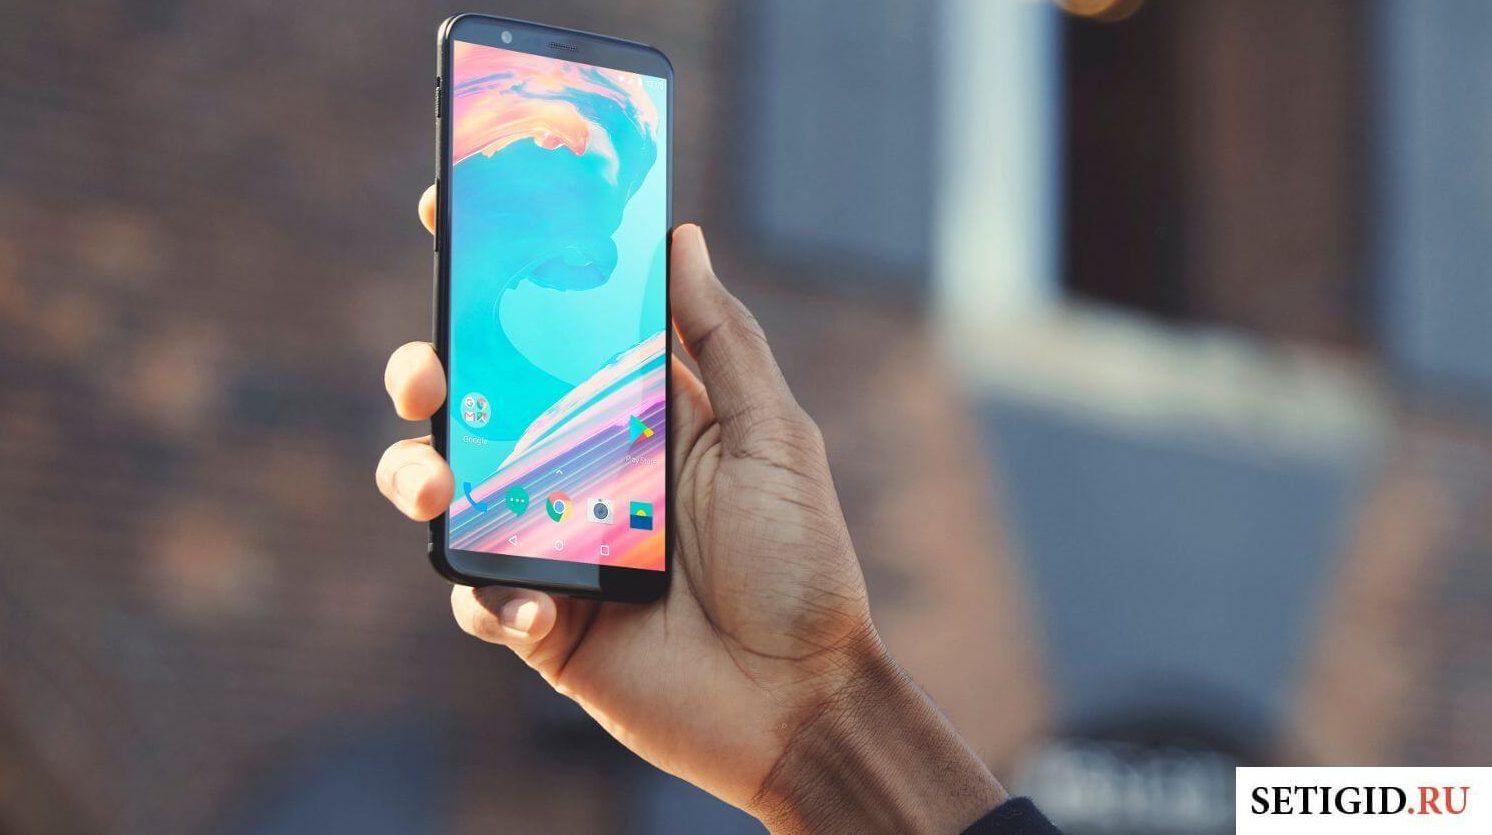 Телефон с цветной заставкой на экране